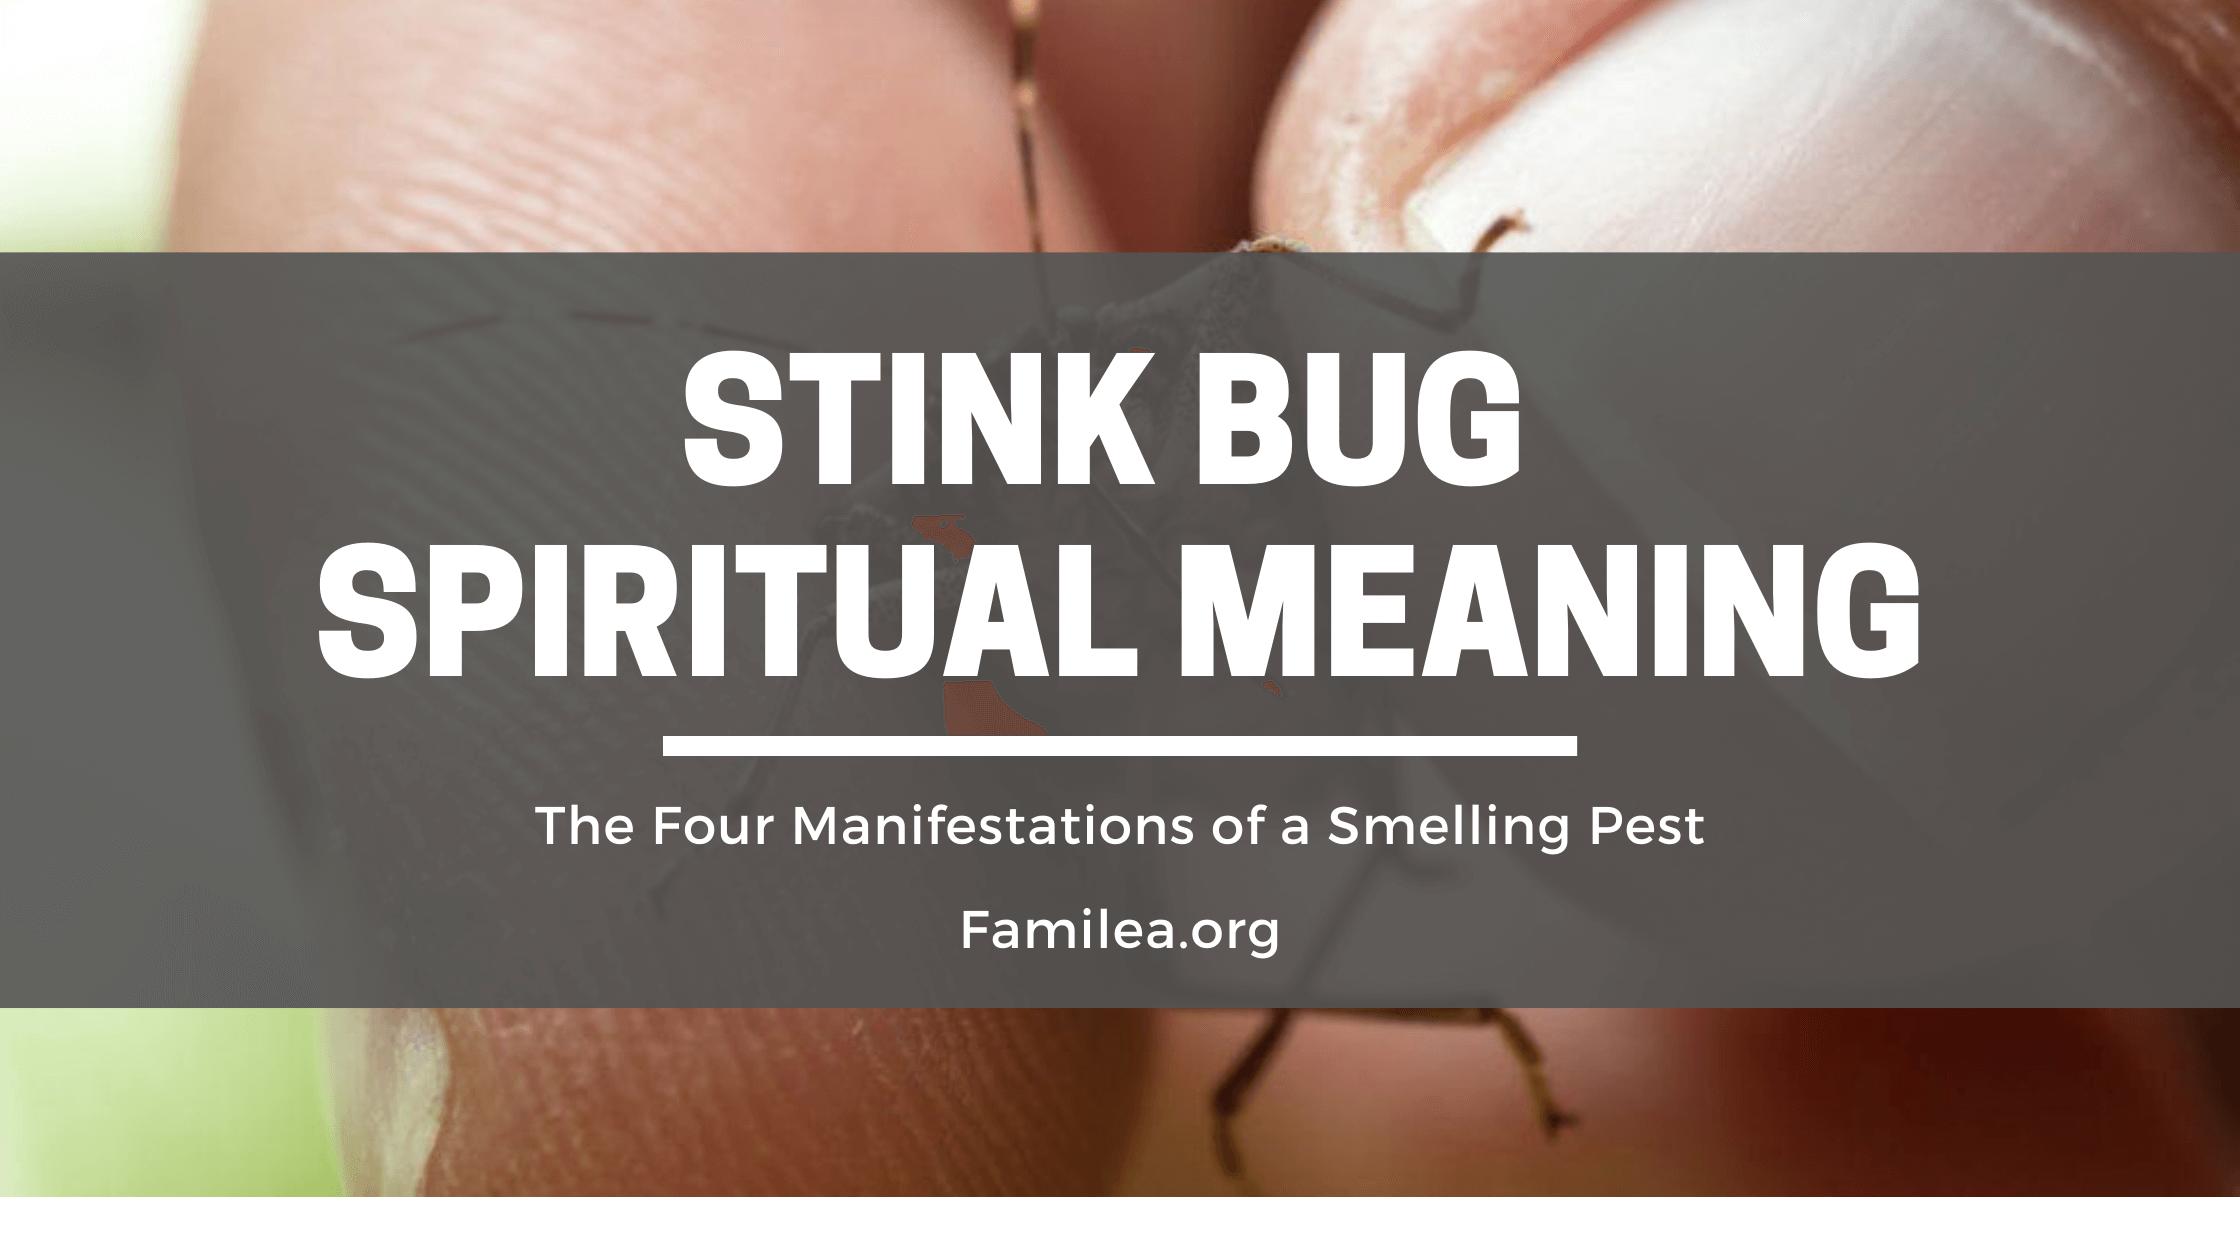 Stink Bug Spiritual Meaning